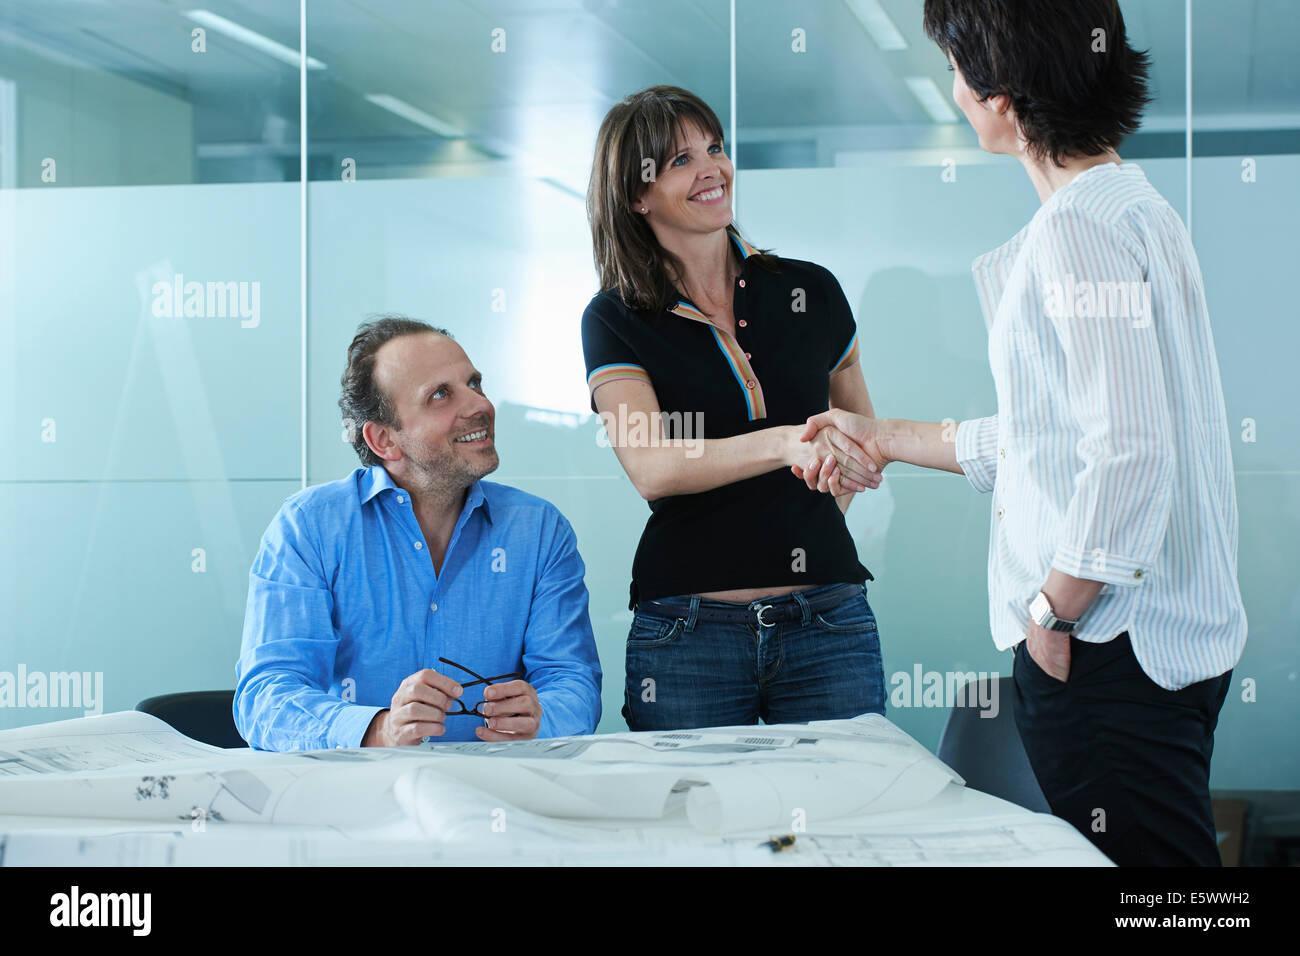 Architetto saluto client con blueprint sul tavolo della sala riunioni Immagini Stock